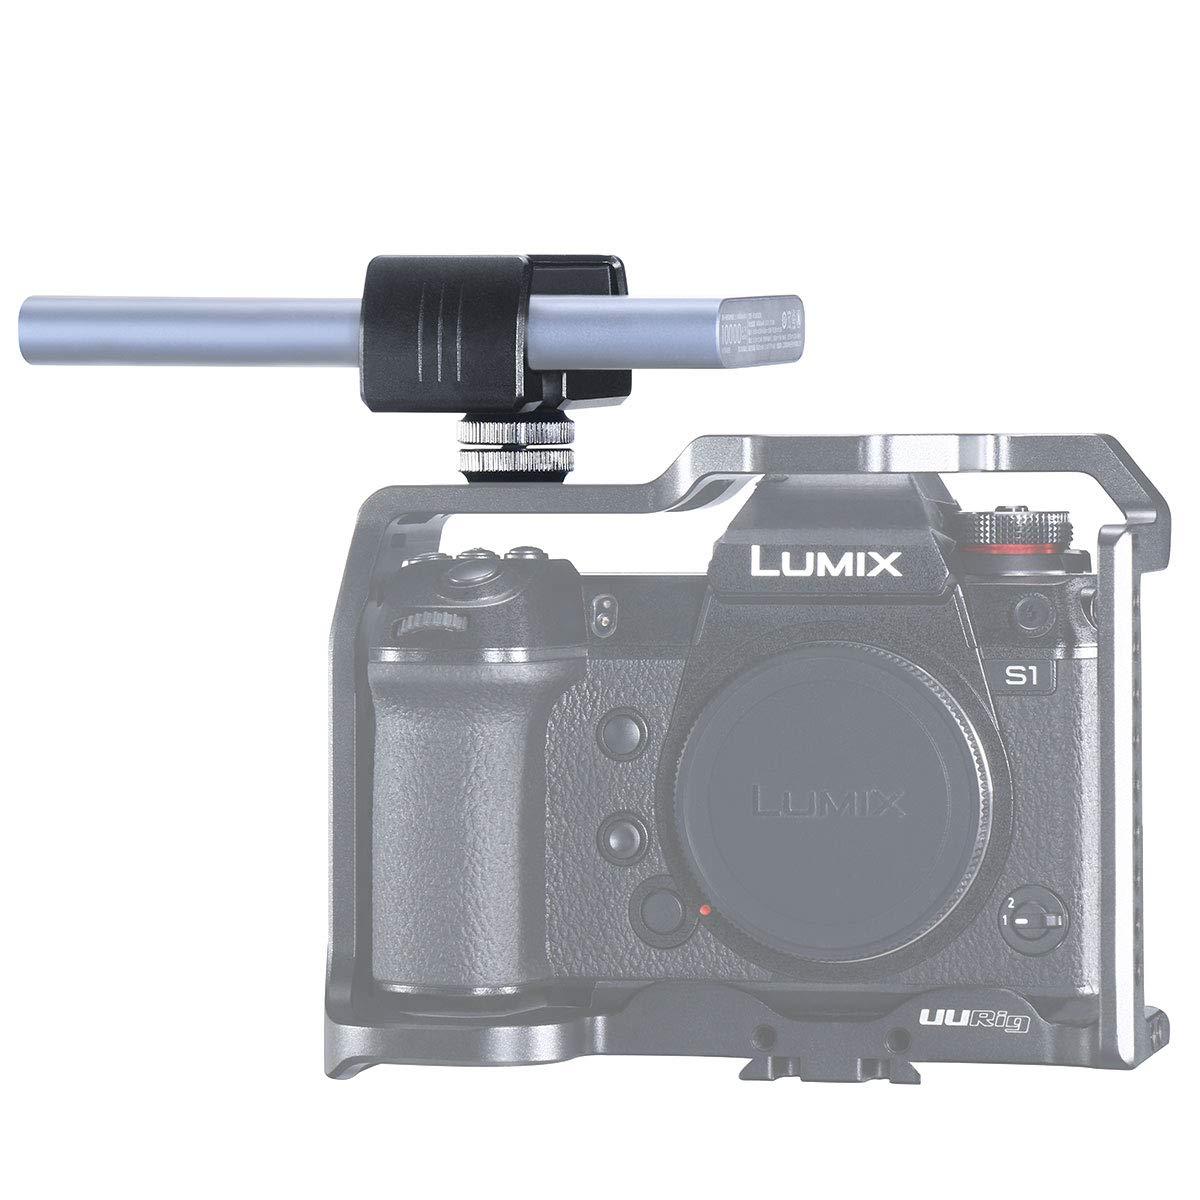 ILS - Titular R010 Soporte Abrazadera Clip Extensible para cámara ...